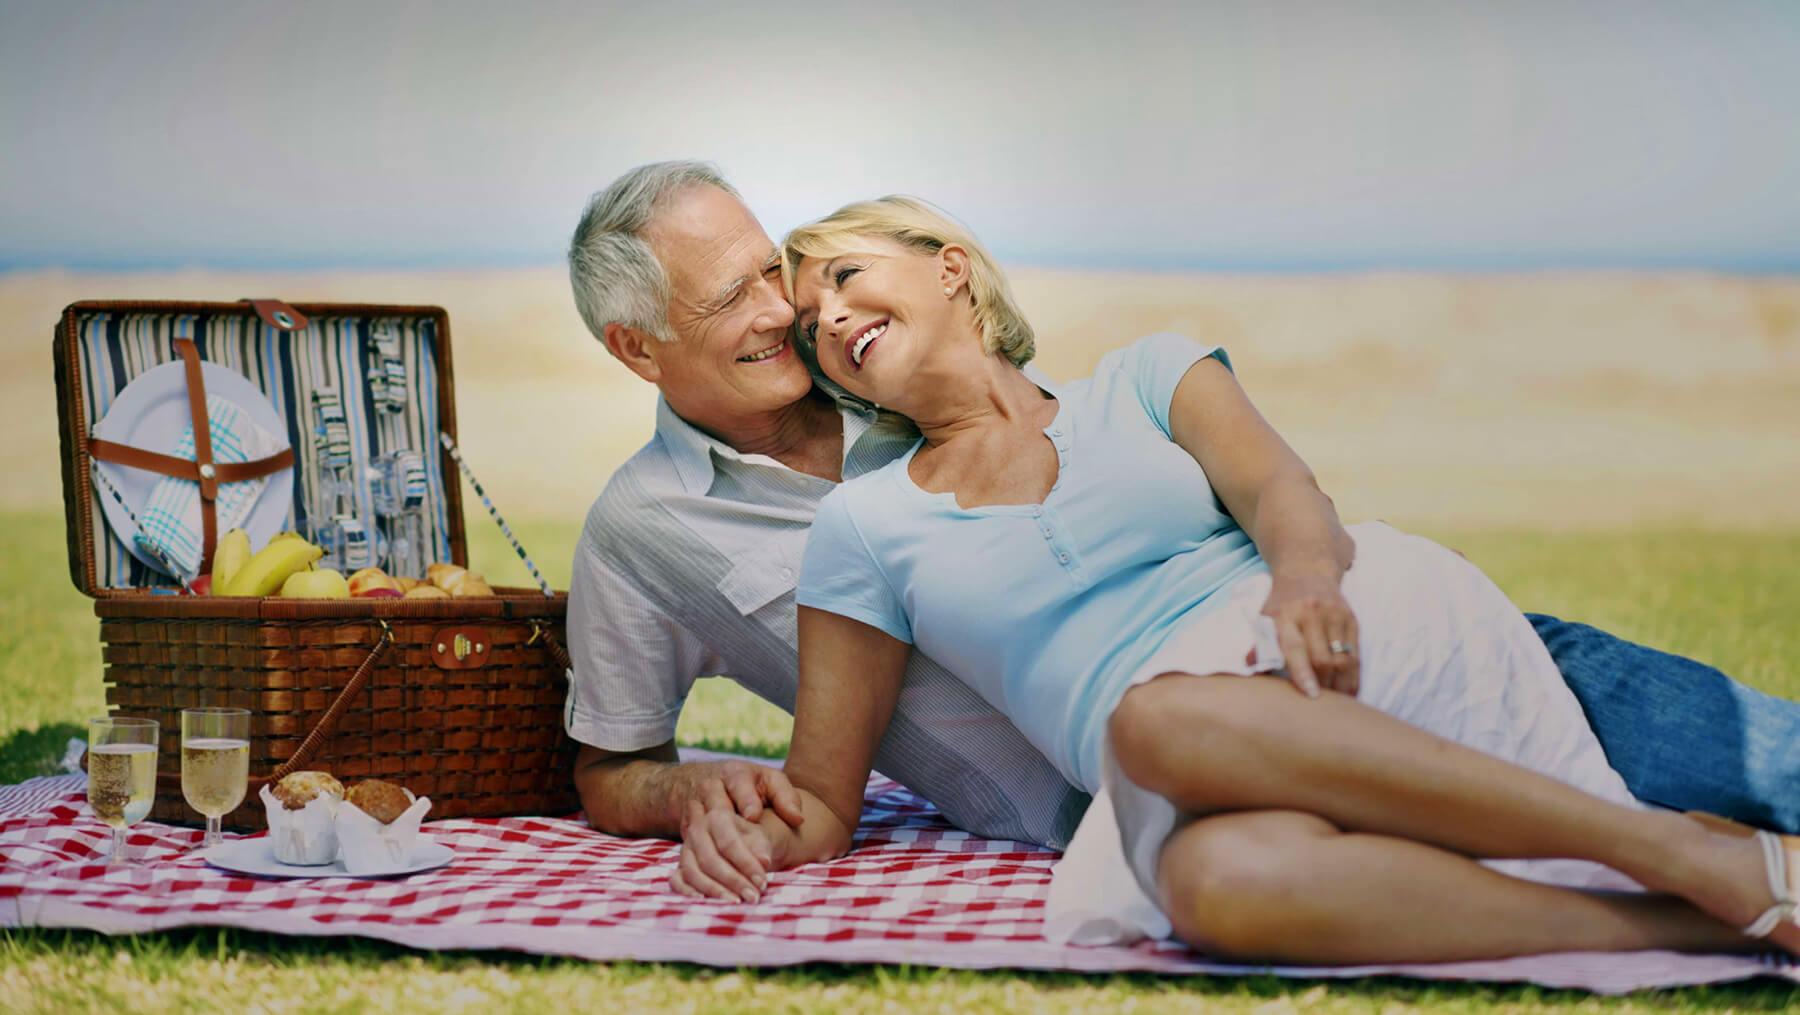 Pomysły na prezenty dla Rodziców, kóre pomogą spełnić marzenia osób, które kochasz najbardziej